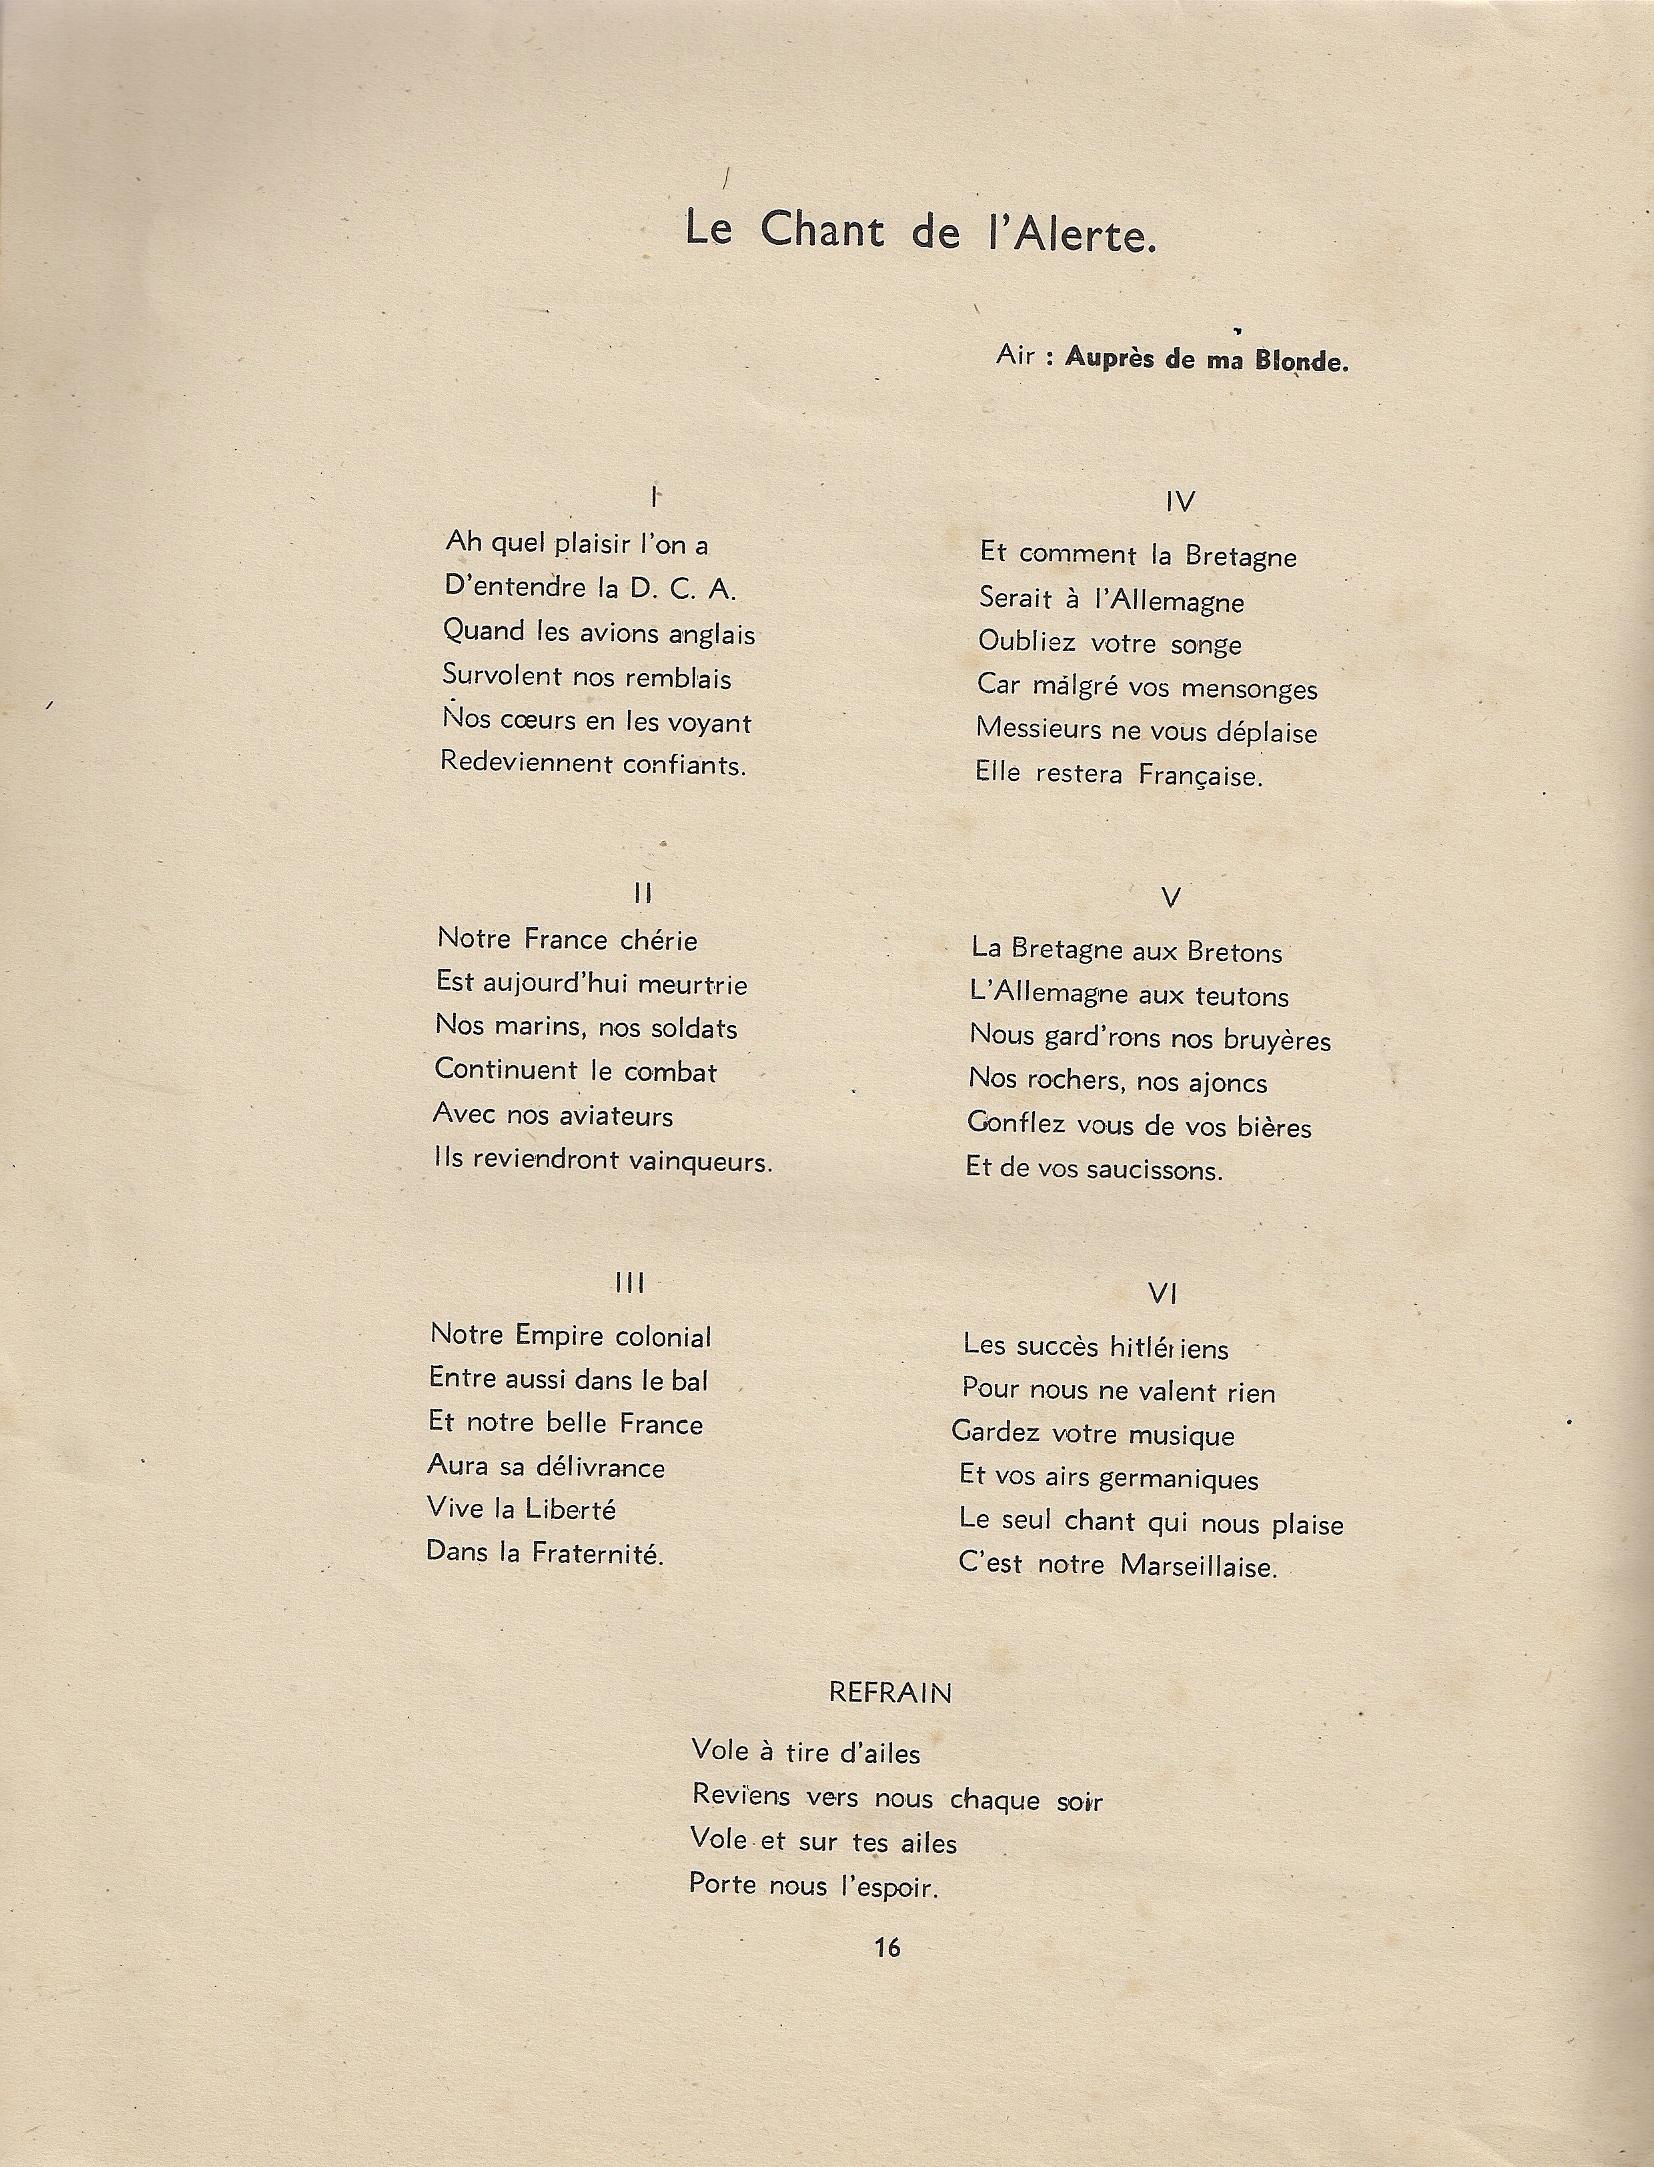 Chansons publiées dans la presse de la France Libre